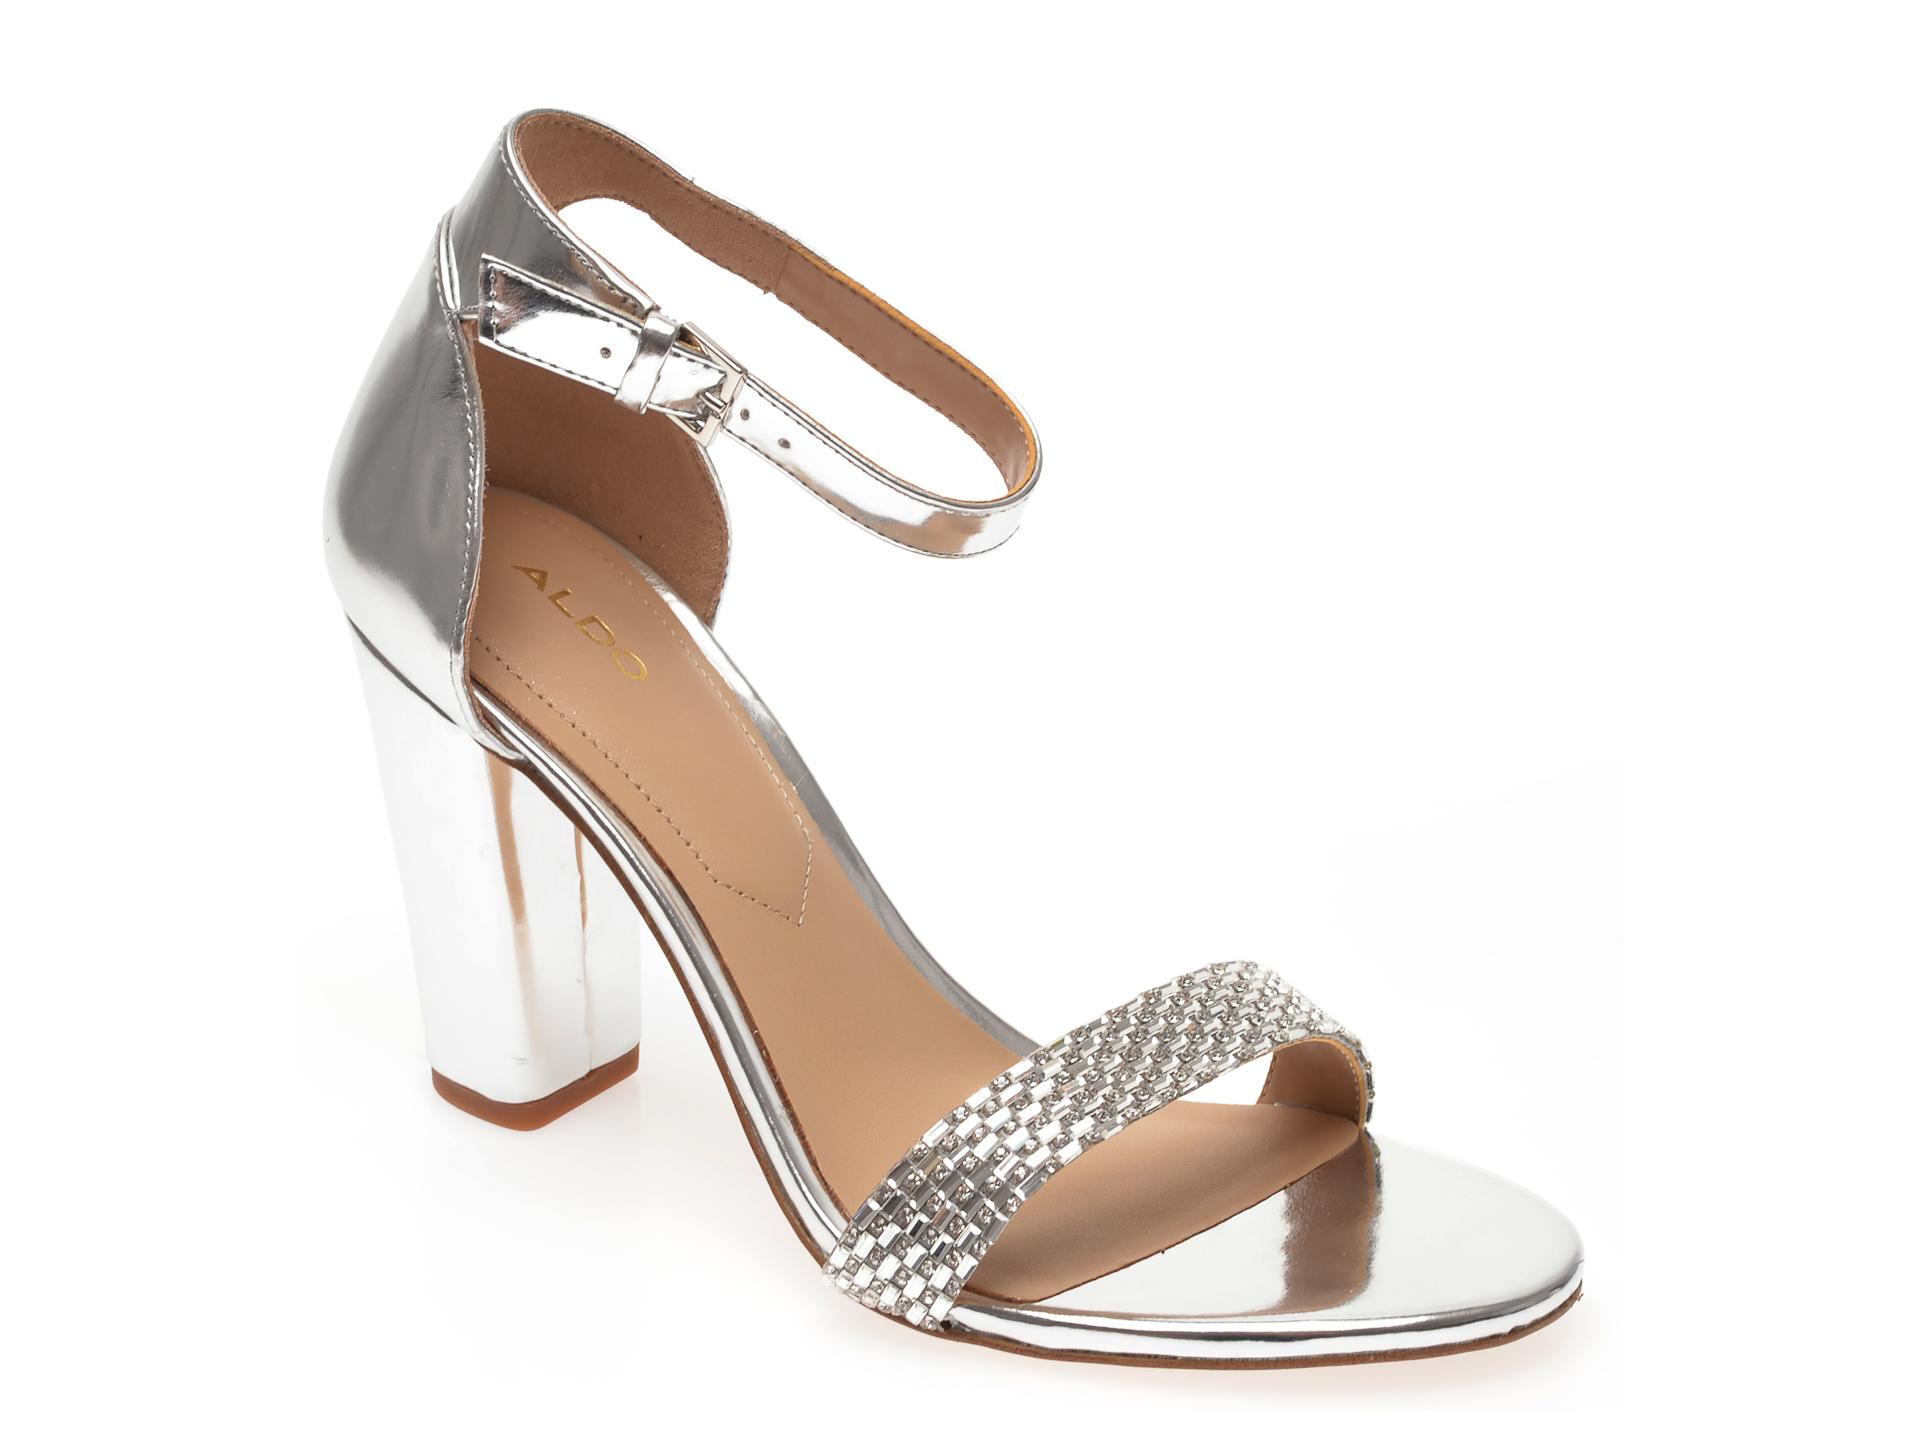 Sandale ALDO argintii, Jeraybling040, din piele ecologica New